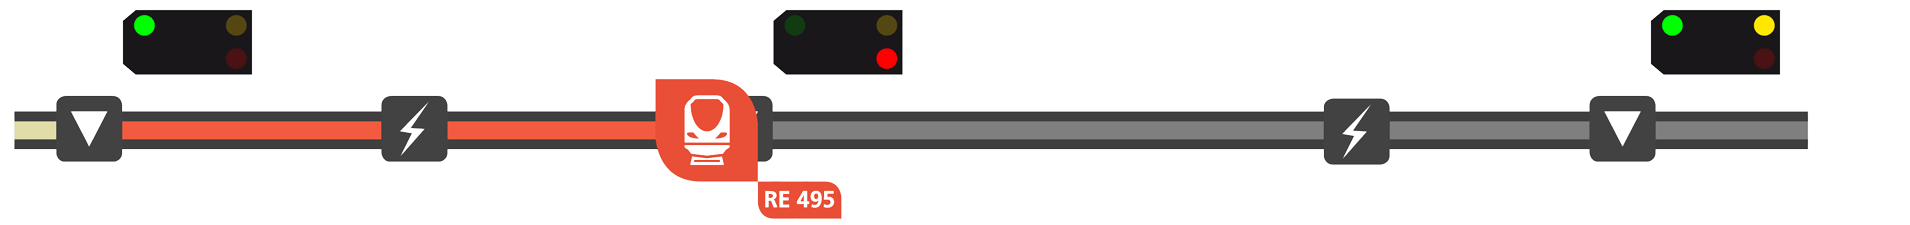 Visualisierung der ALAN Blocksignalisierung - Bild 11 von 18